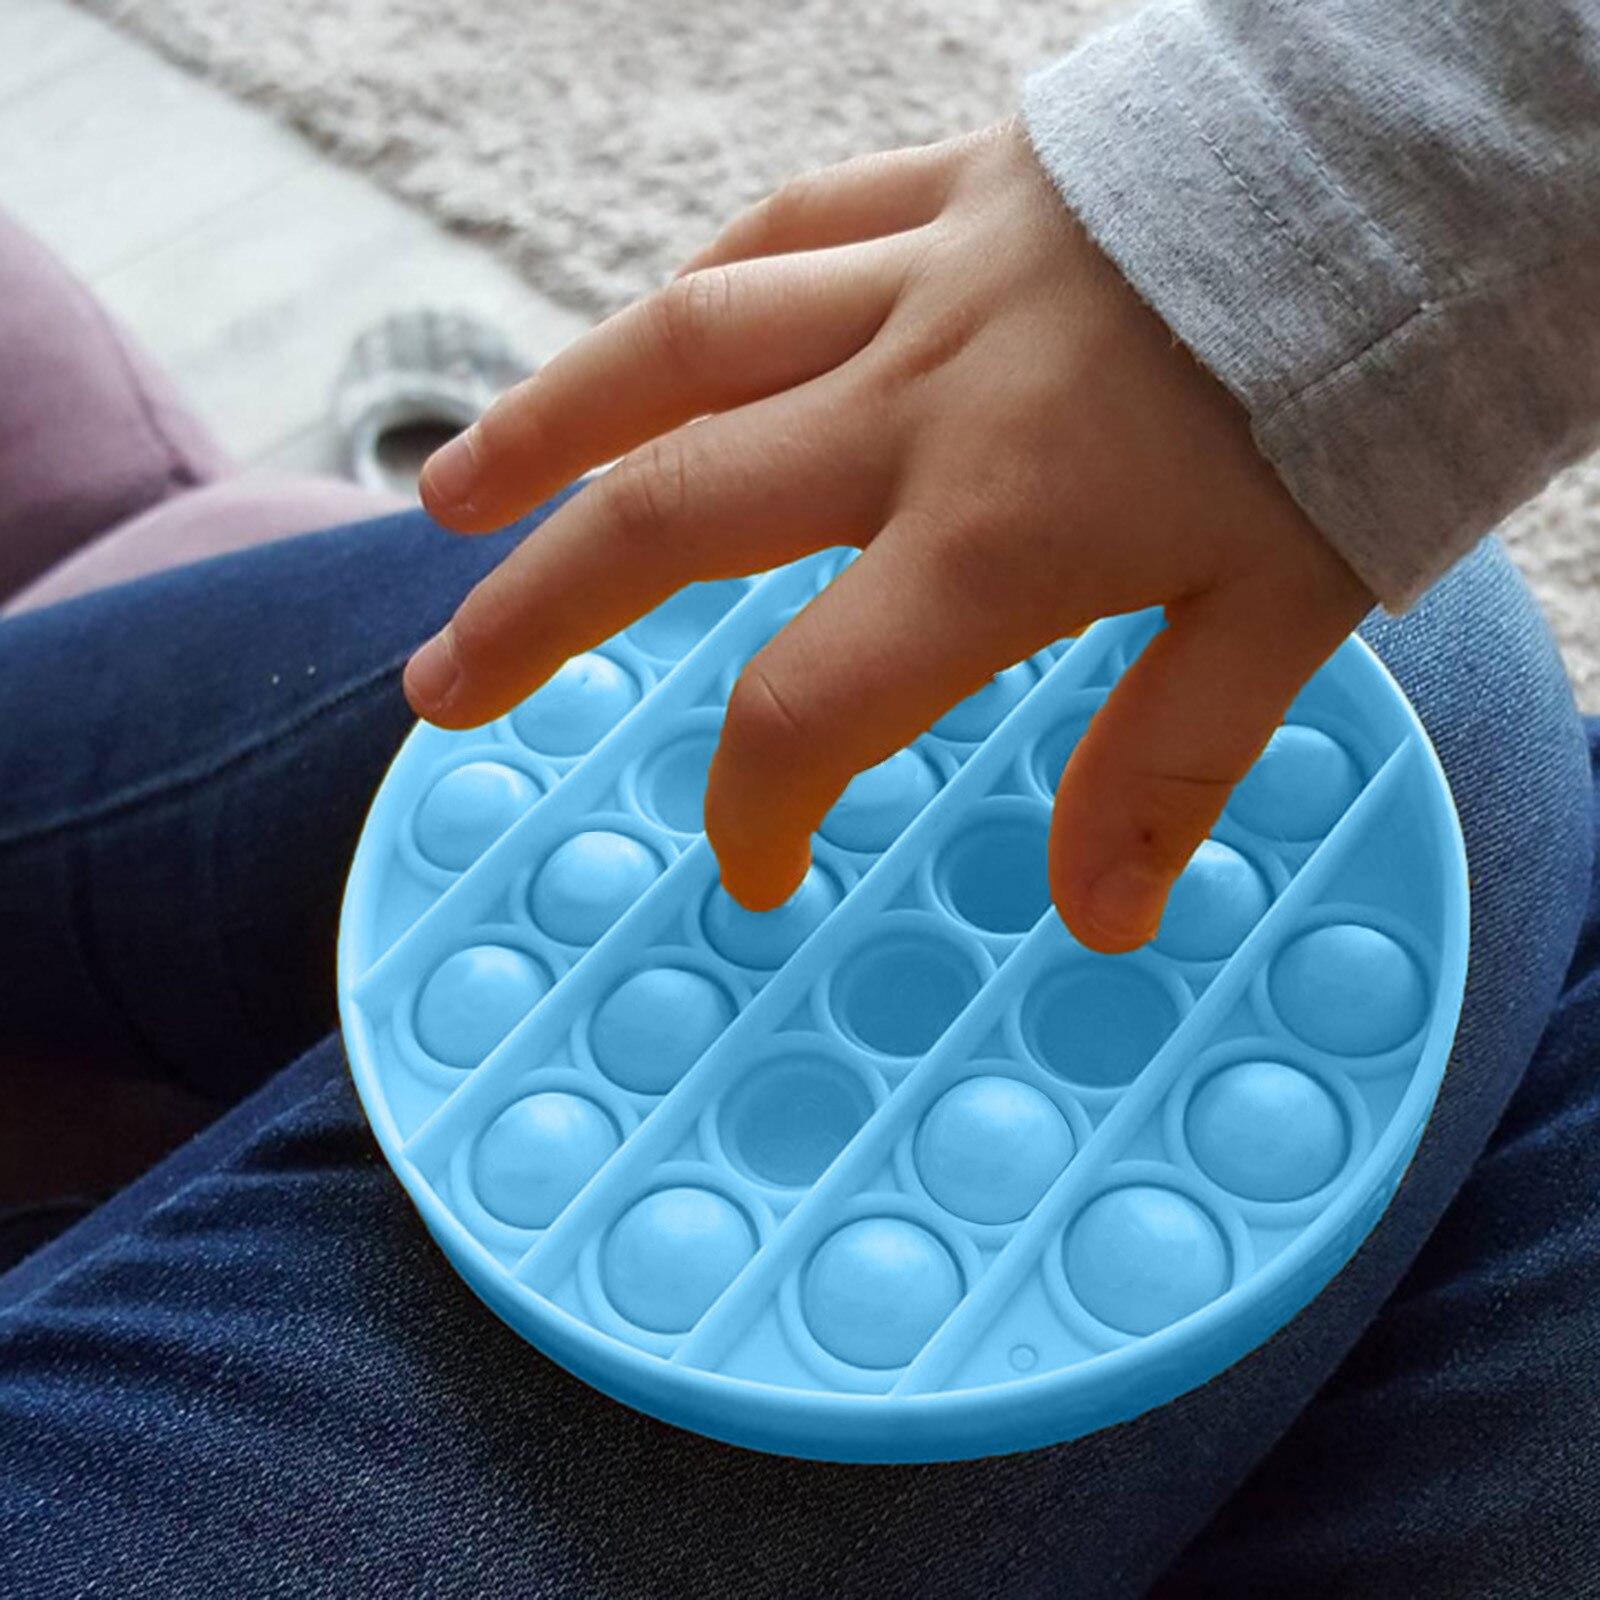 Пуш-ап поп пузырь сенсорная игрушка для аутистов потребности мягкие игрушки для снятия стресса для взрослых и детей смешные анти-стресс выталкивает его Непоседа Reliver стресс